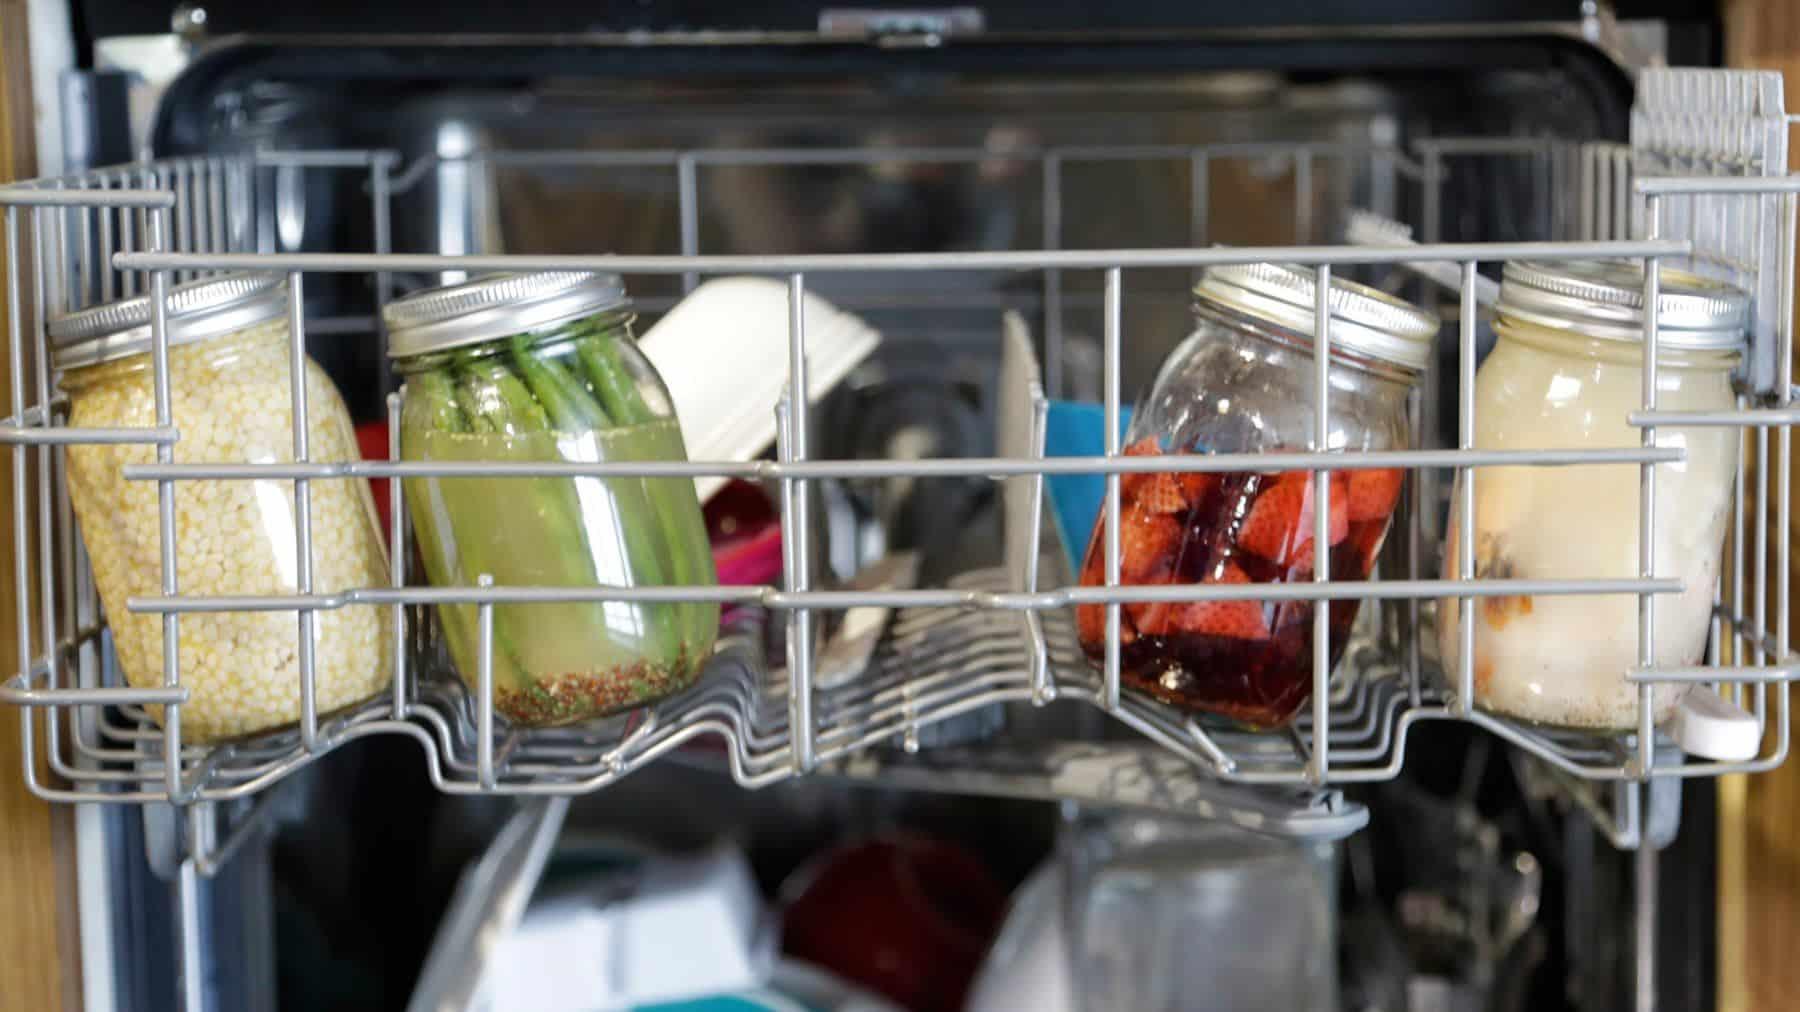 cuisson au lave-vaisselle cuisine vapeur mode de cuisson écologique